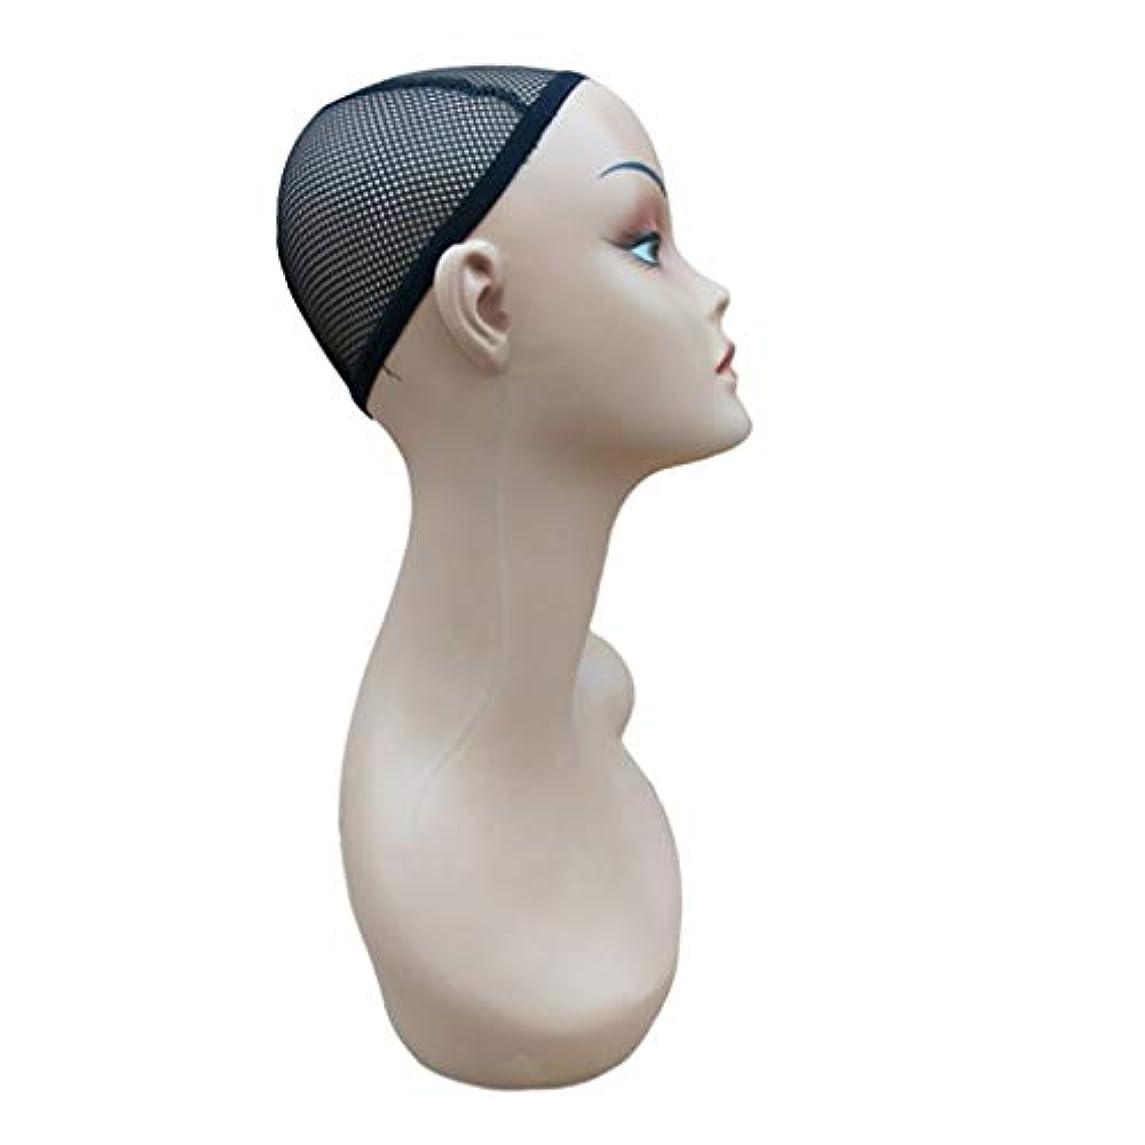 不振速報迫害するDYNWAVE マネキンヘッド ヘッドモデル ディスプレイ ネックレス ジュエリー 帽子スタンド